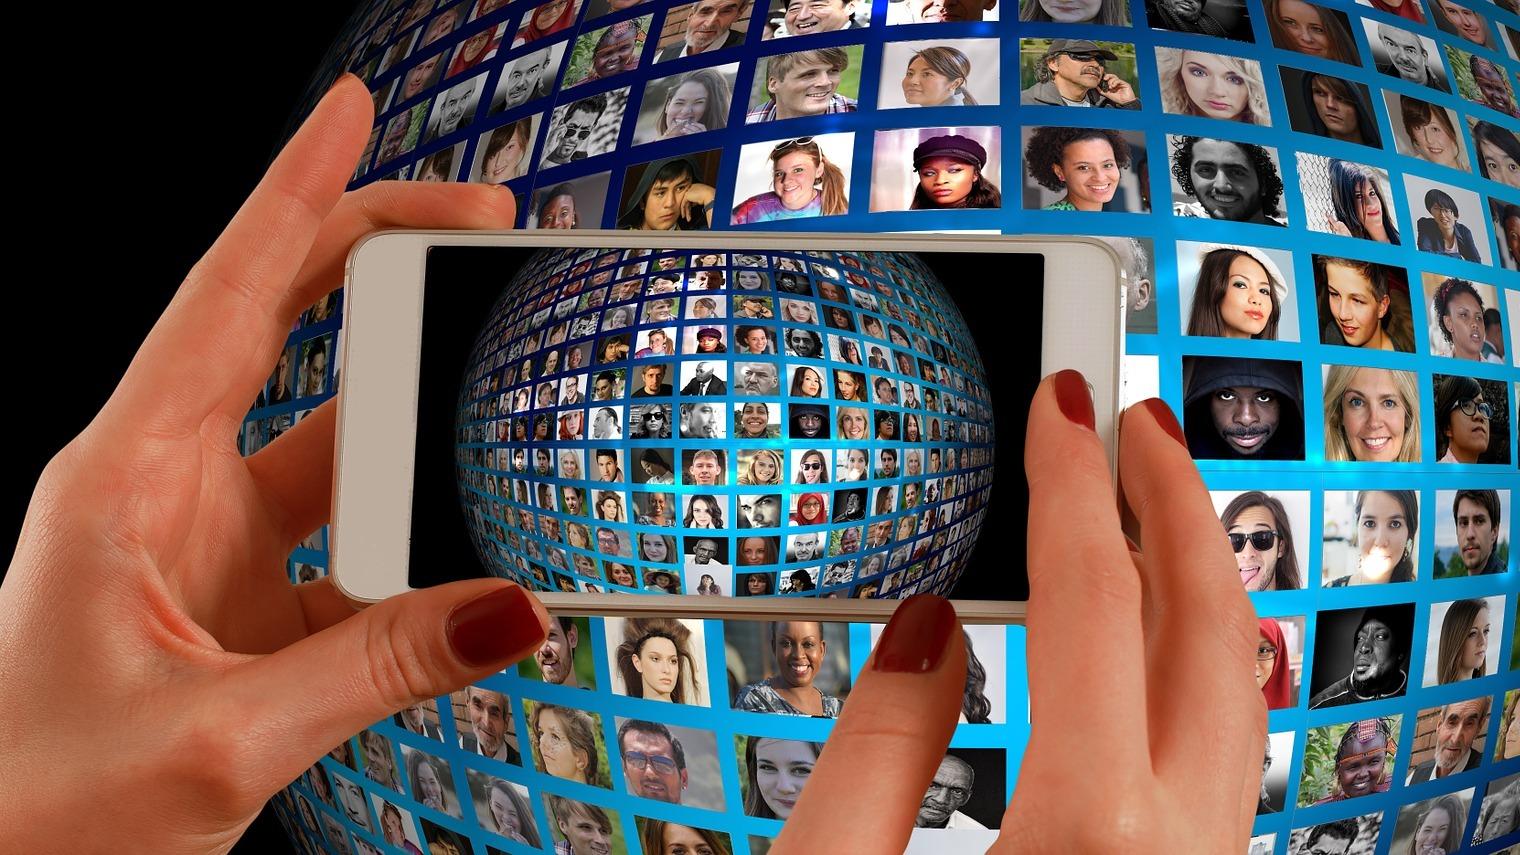 Создана первая социальная сеть без людей